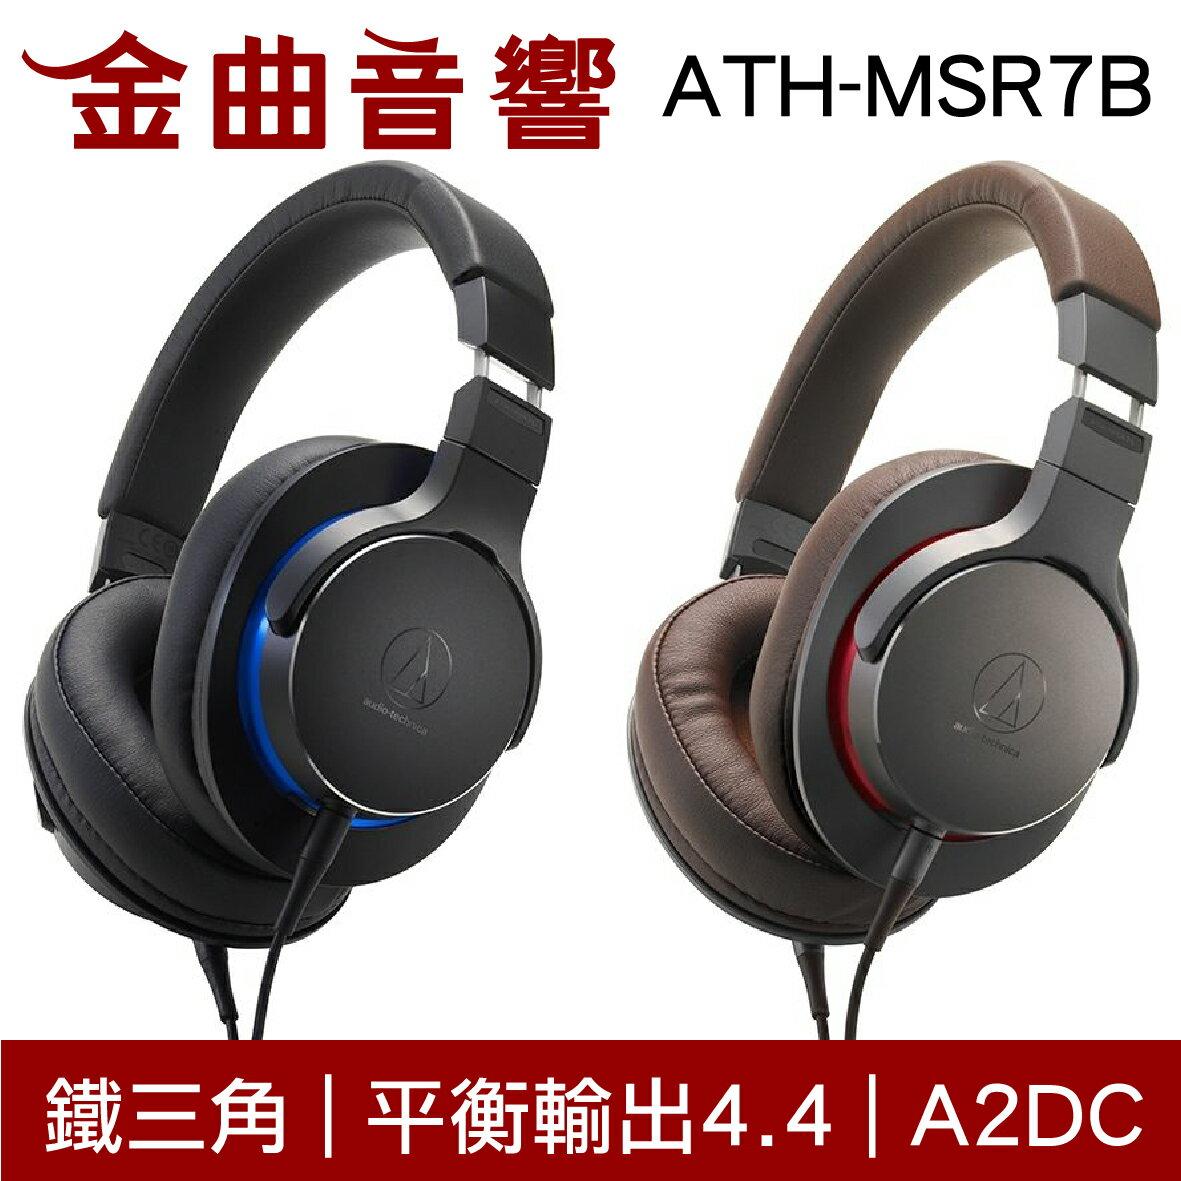 鐵三角 ATH-MSR7B 黑藍色 平衡輸出 耳罩式耳機 陌生人妻 MSR7 4.4 A2DC | 金曲音響